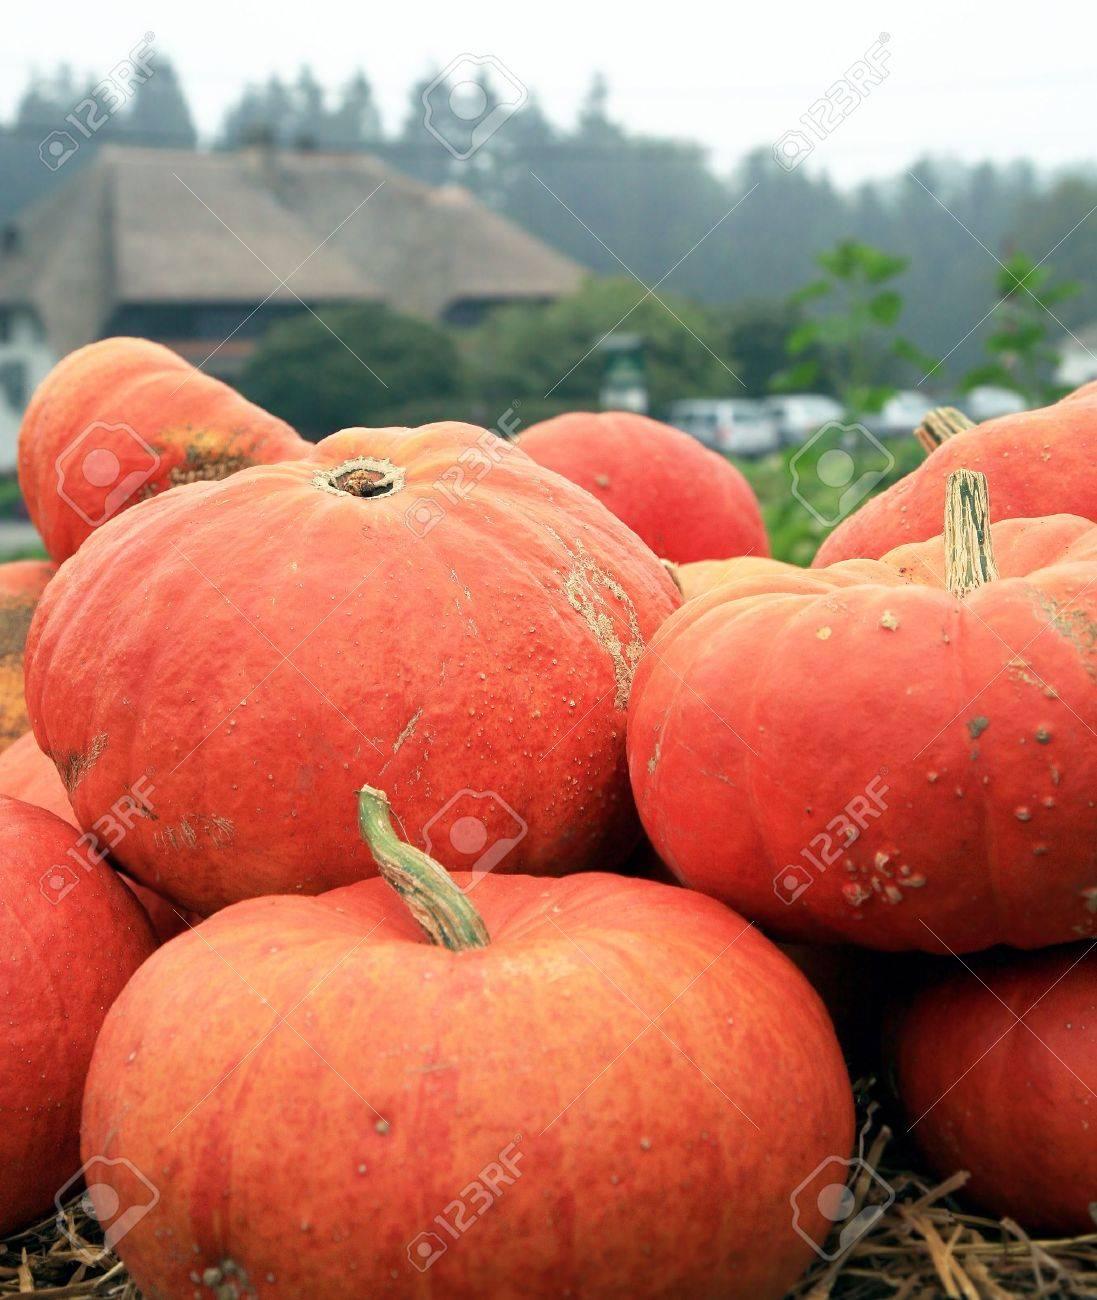 Halloween In Belgie.Oranje Pompoenen Op Het Stro Voor Halloween Day Herfst Gewassen Feest Van De Pompoen In Belgie